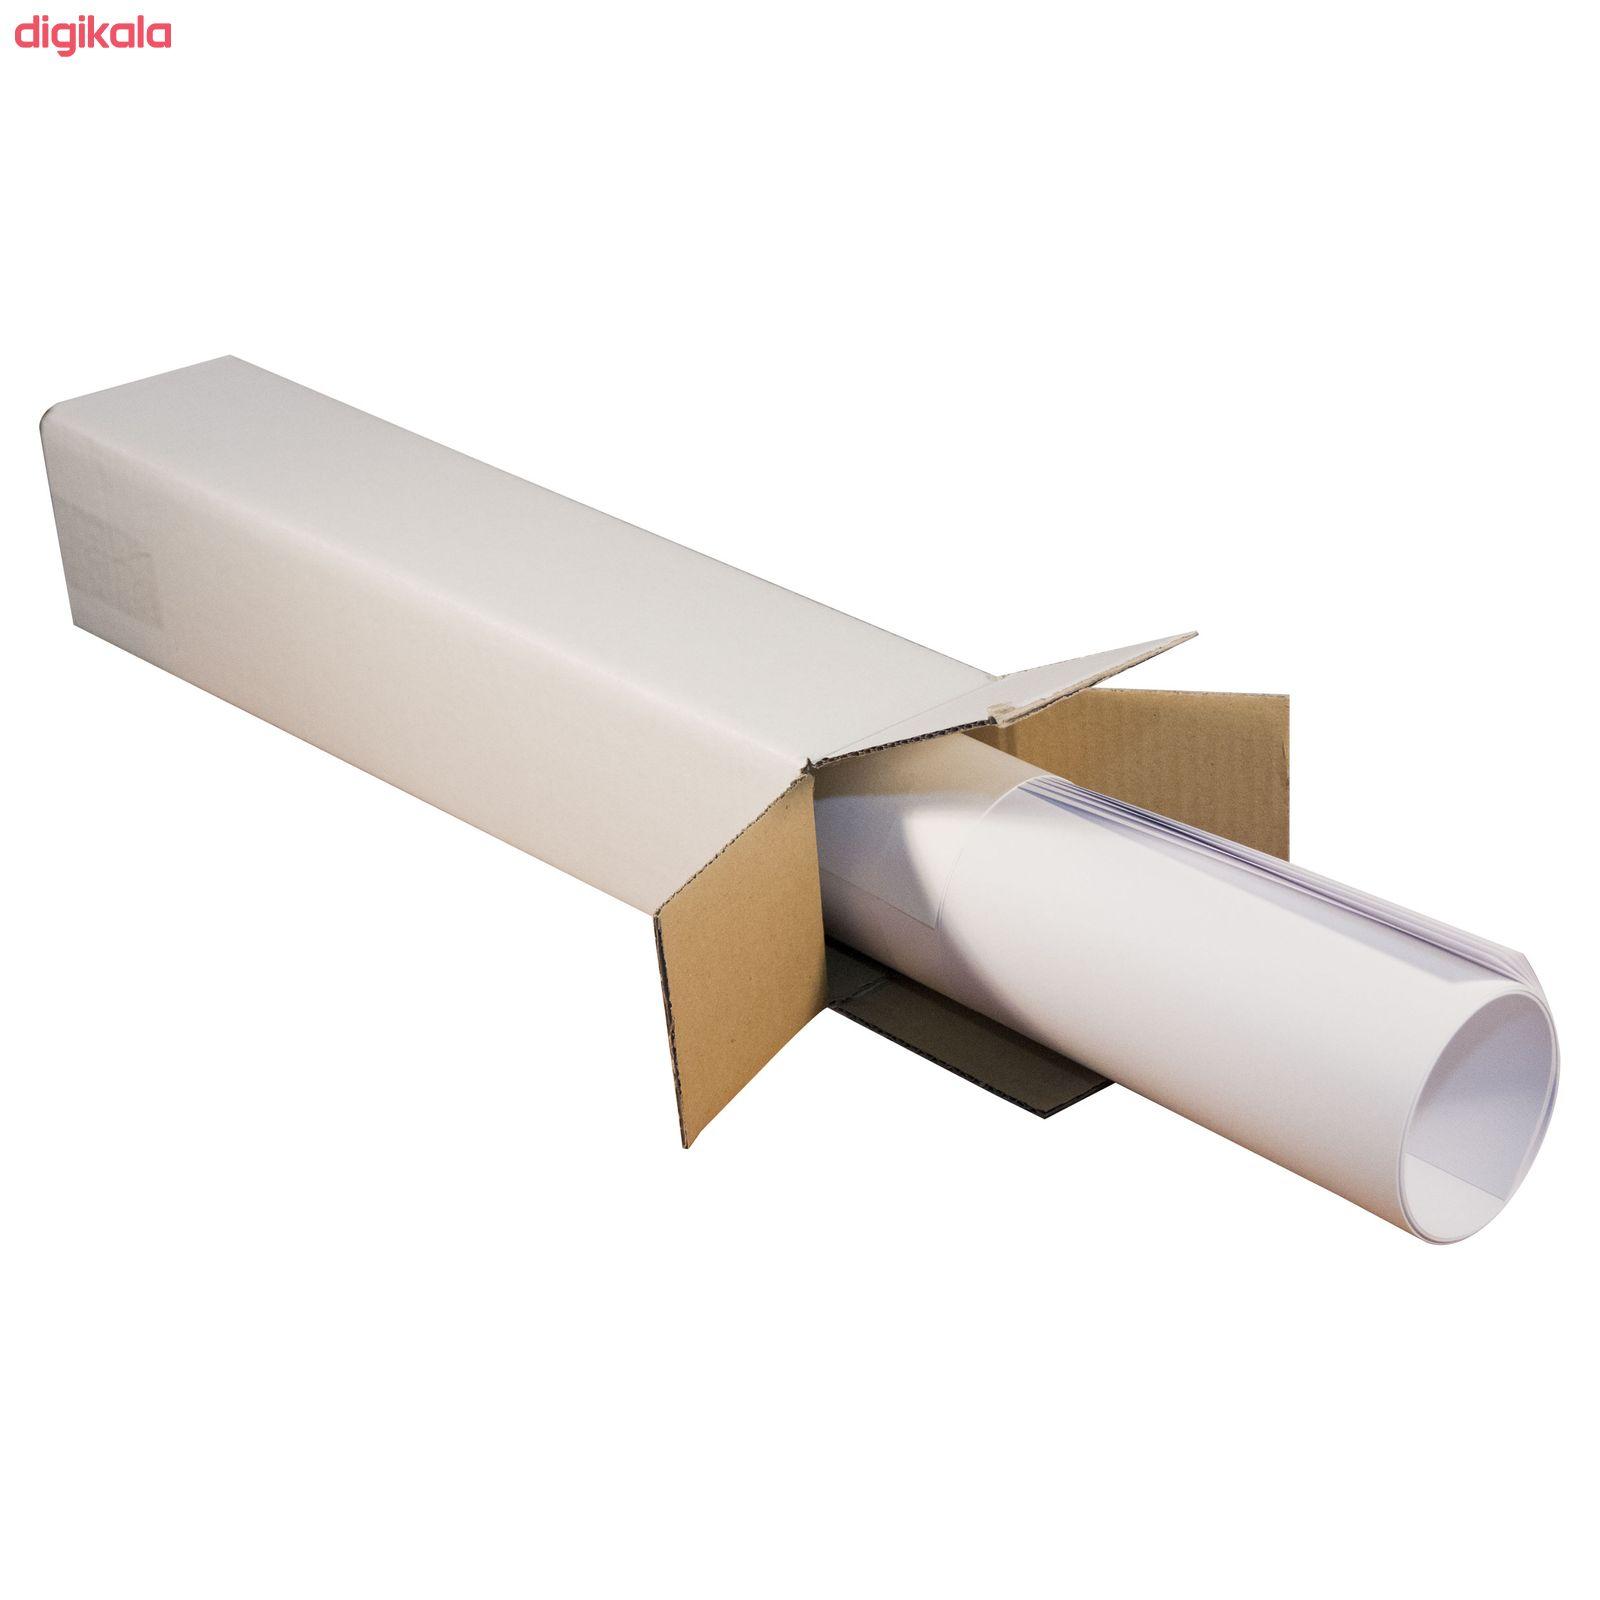 مقوا اشتنباخ مدل draw155 سایز 50x70 سانتی متر بسته 10 عددی main 1 1